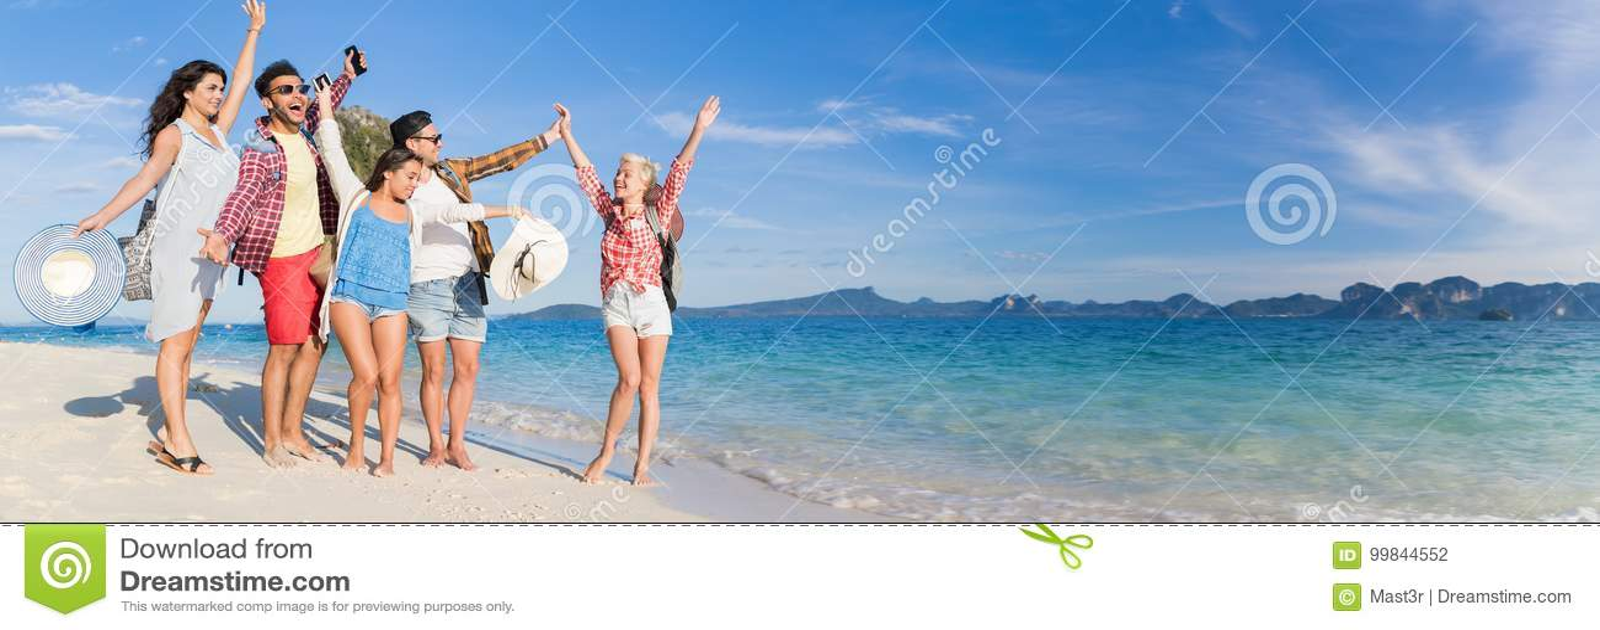 Молодые люди собирает на летние каникулы пляжа, счастливое усмехаясь взморье друзей идя